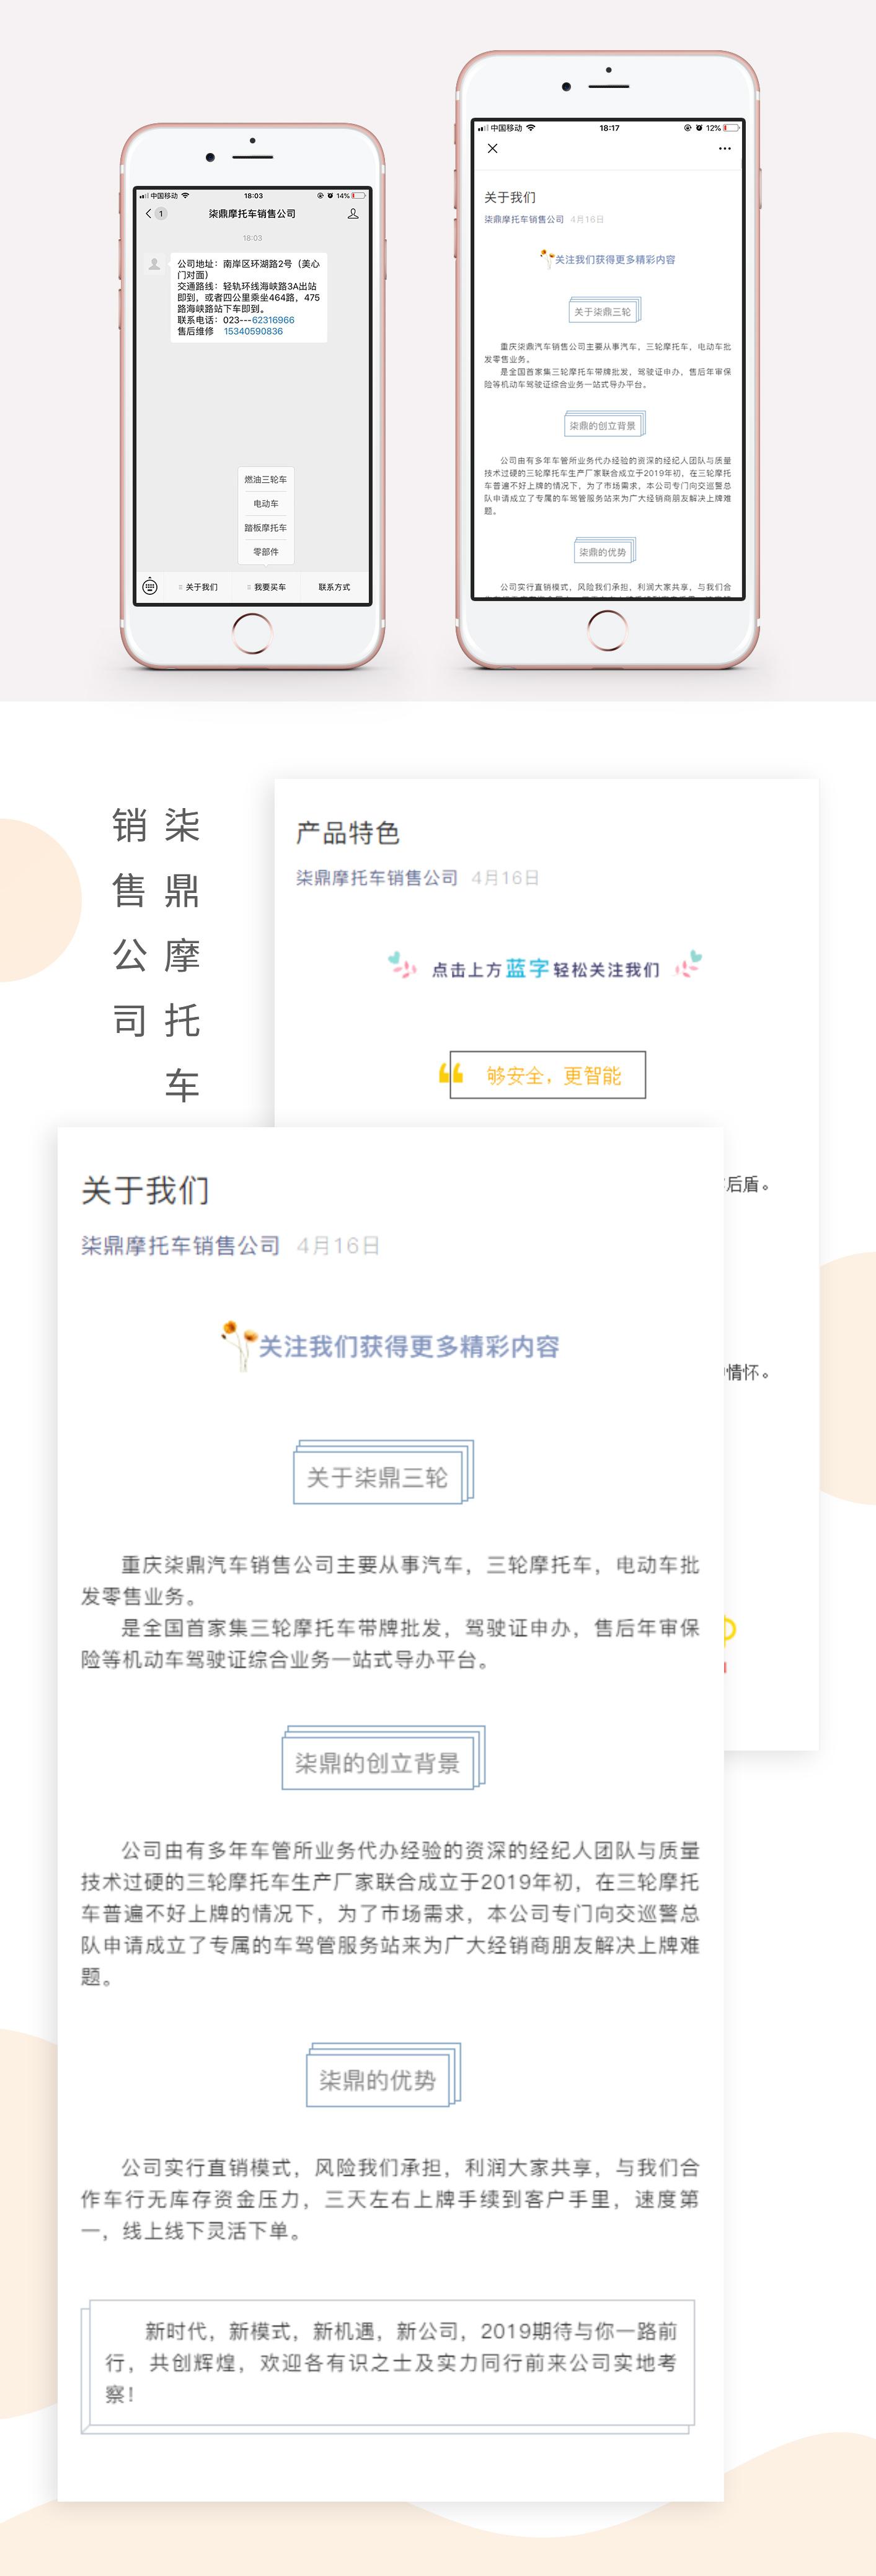 柒鼎摩托车销售公司.jpg